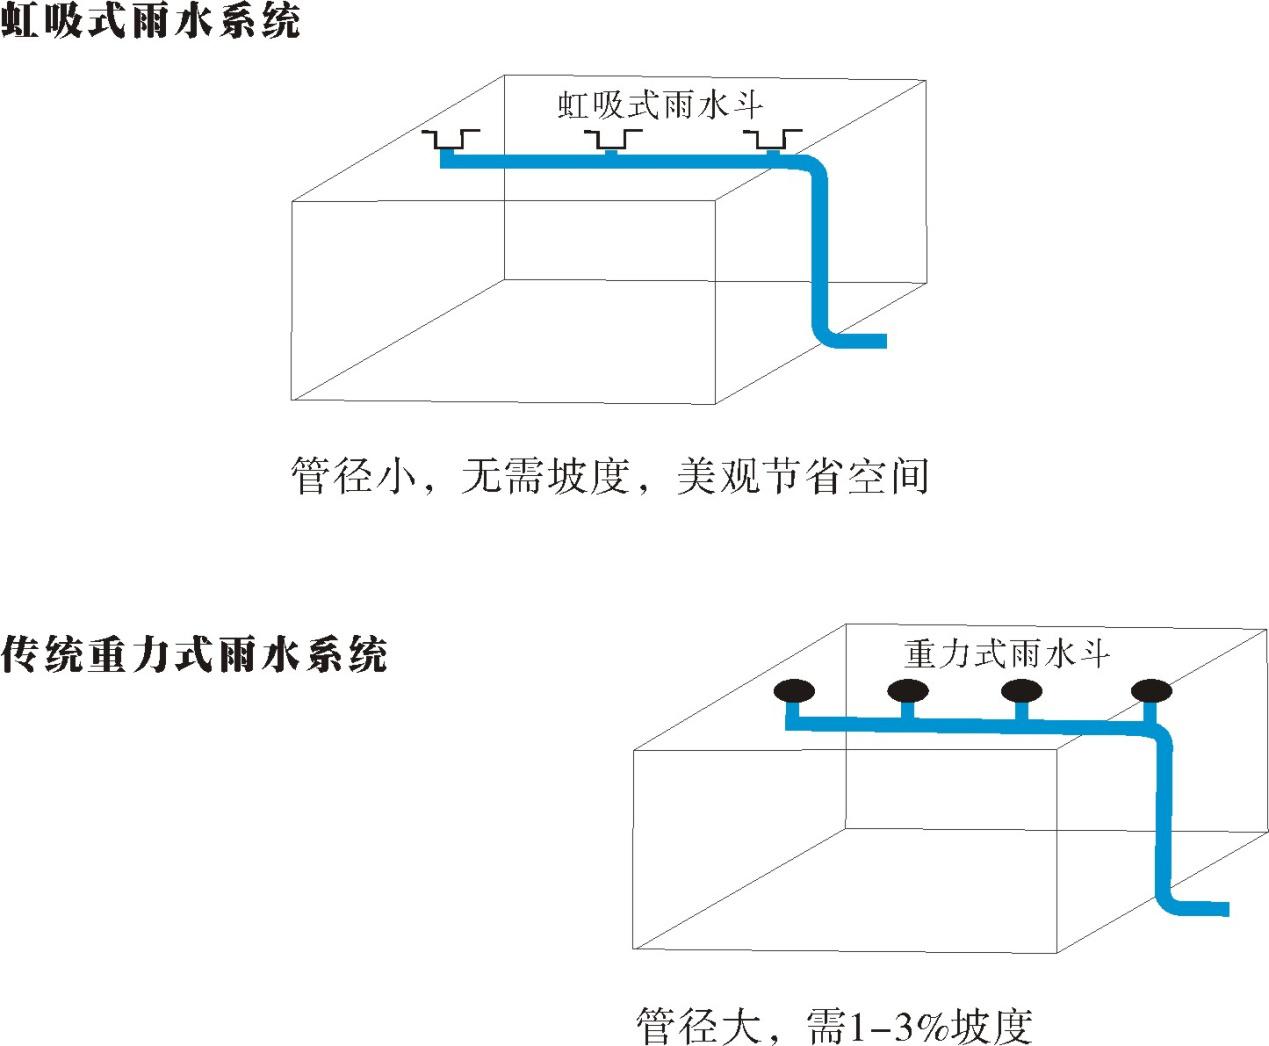 无锡屋顶虹吸排水直销 信息推荐 江苏鑫卓新型建材供应